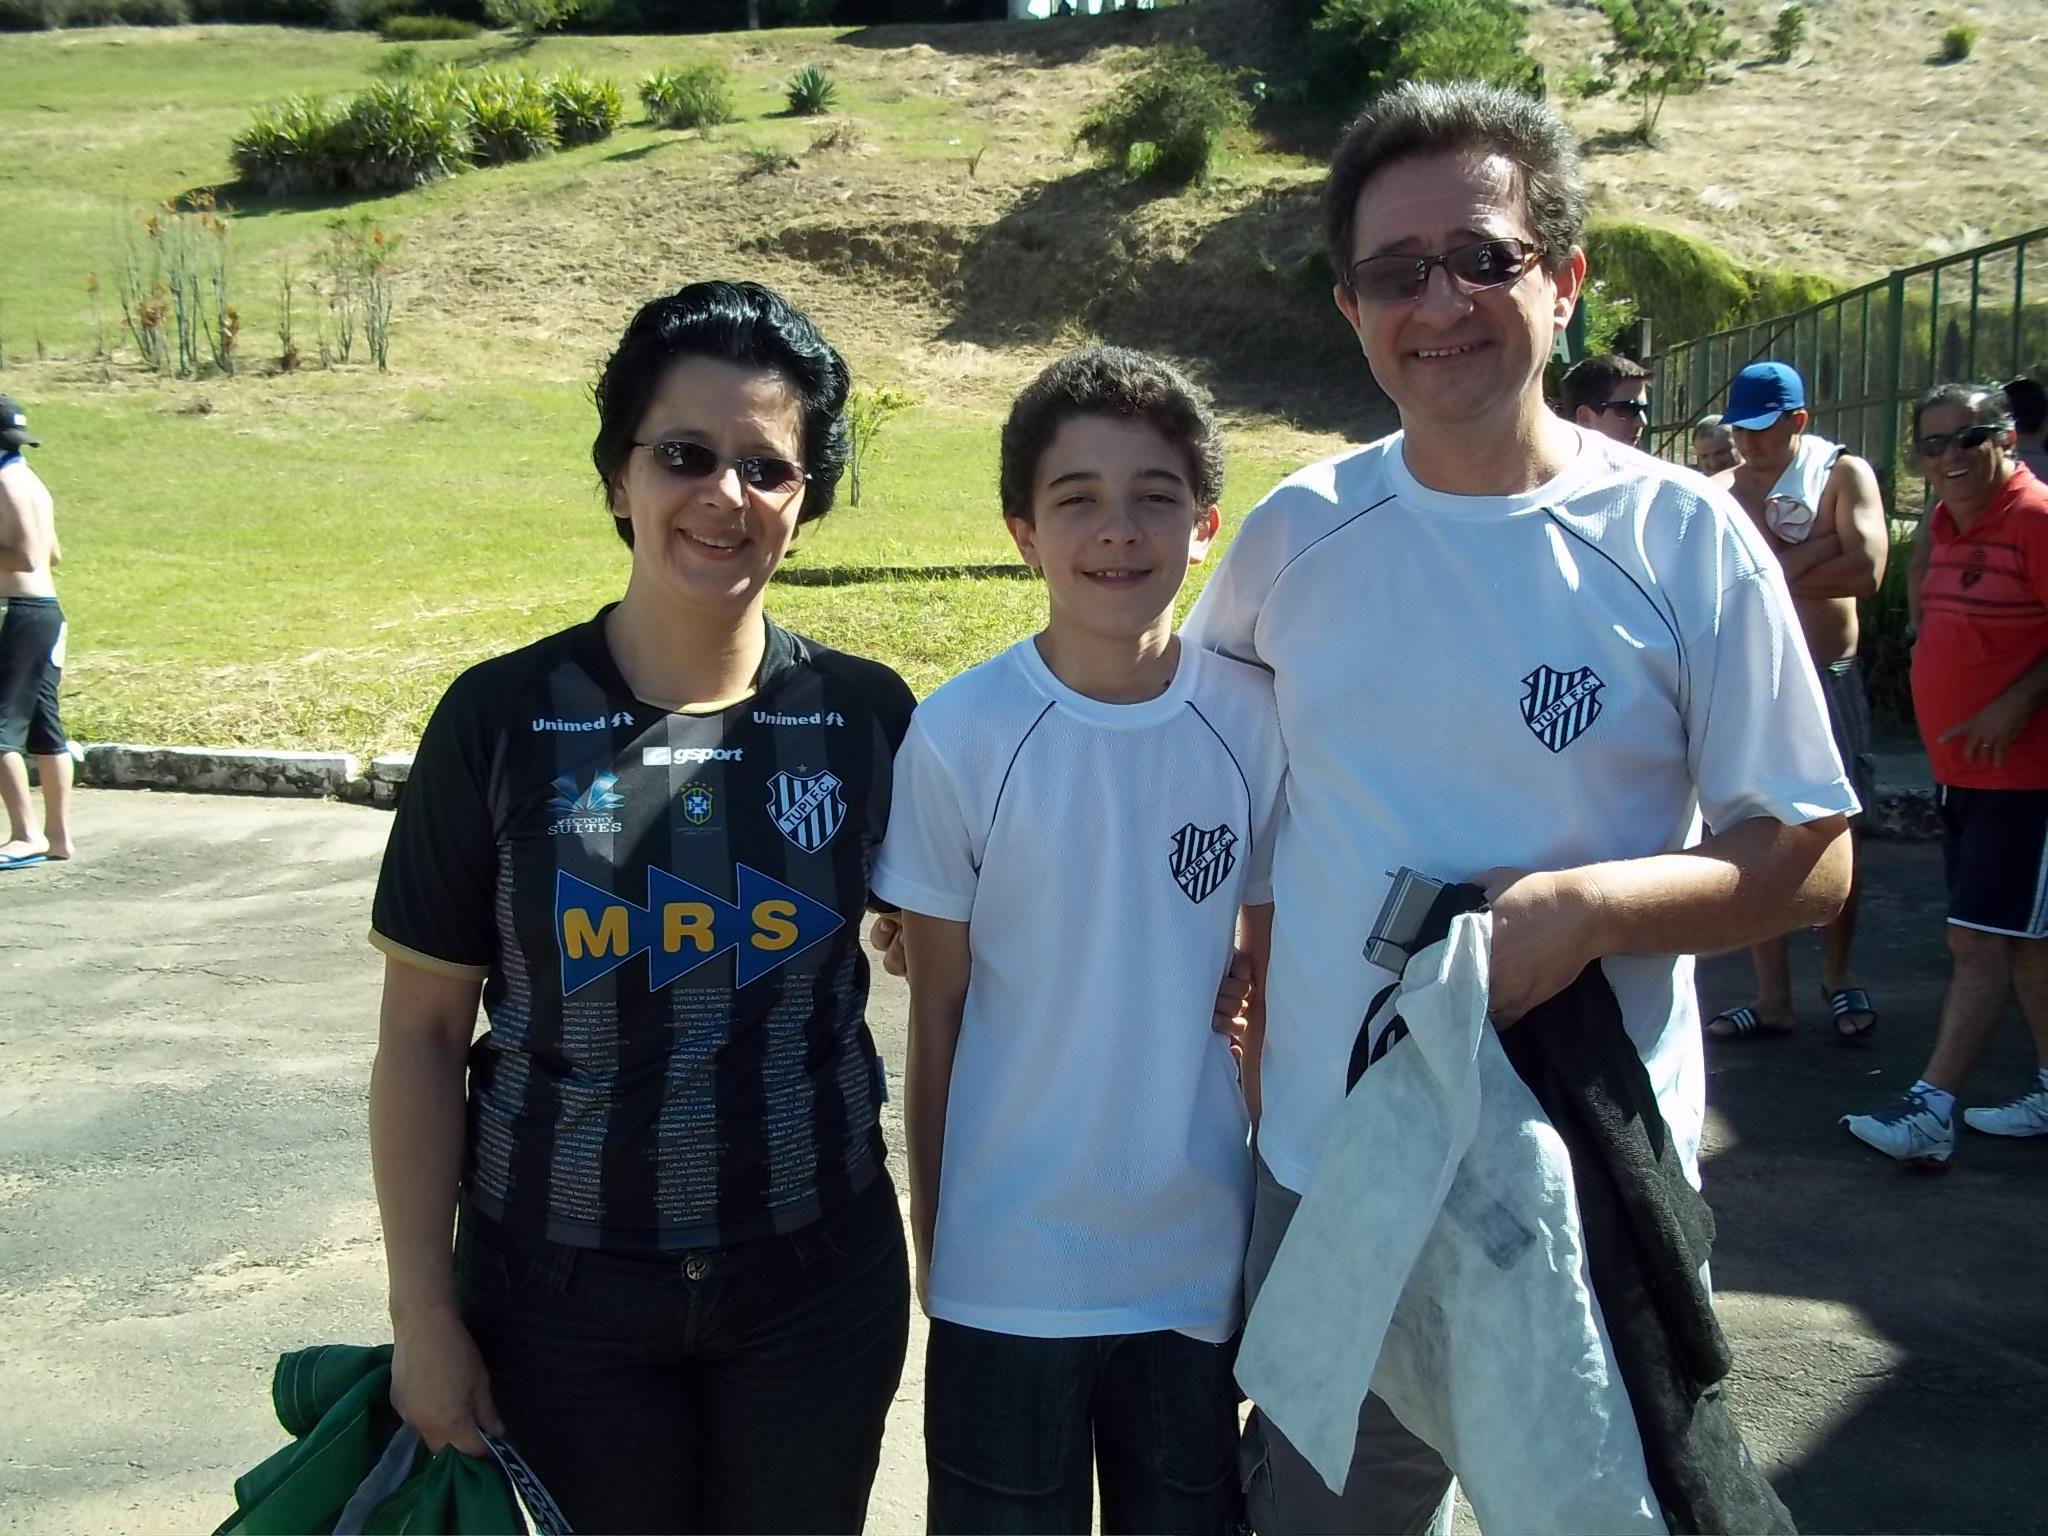 Vencedora da promoção do Toque de Bola veste a camisa e vai ao estádio com a família